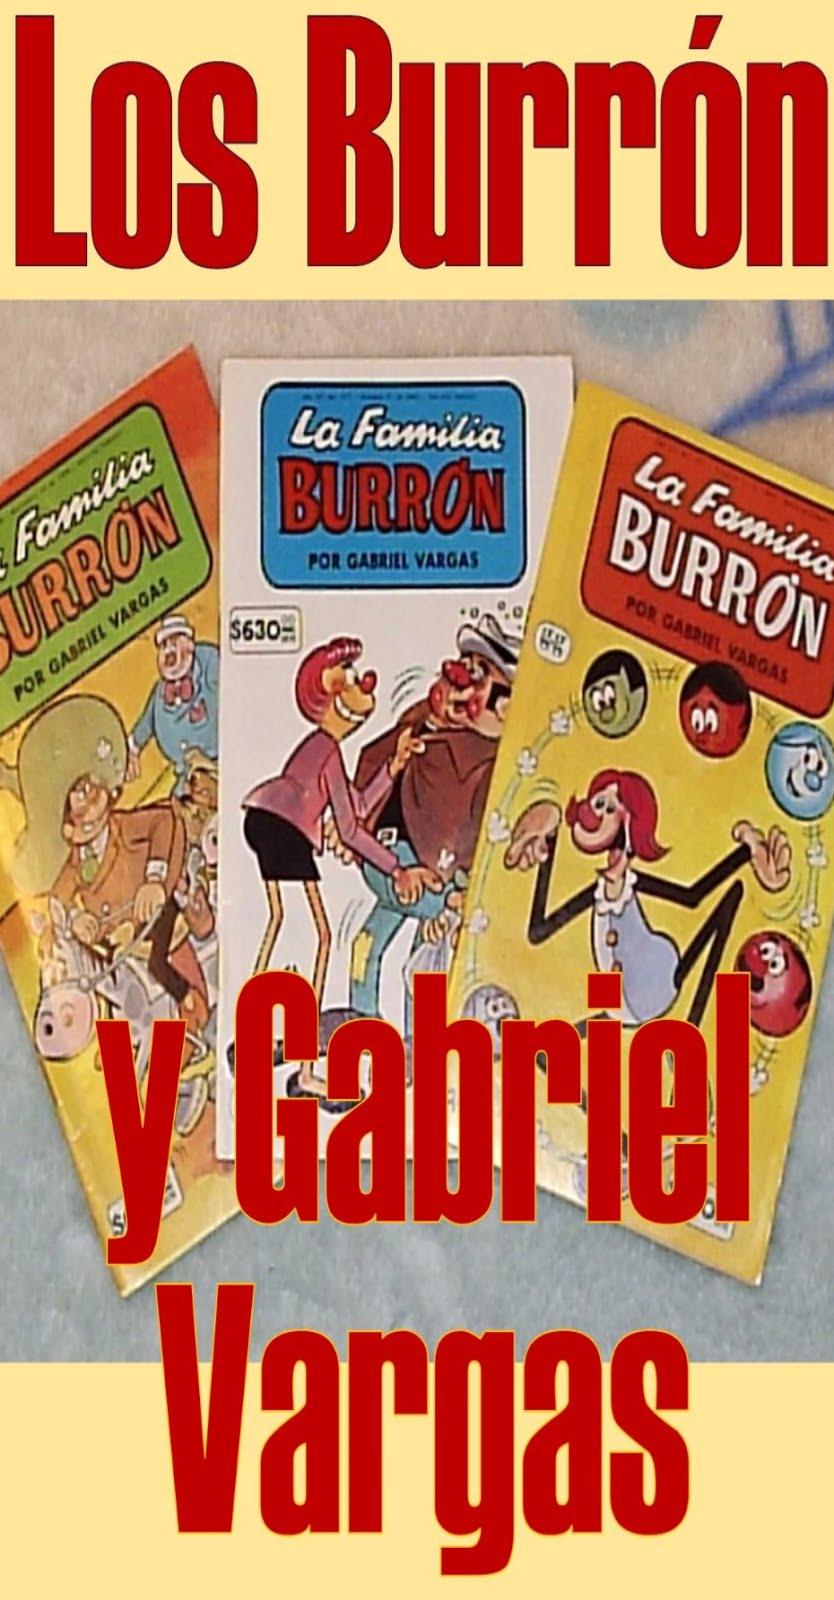 Los Burrón y Gabriel Vargas en el edificio del coronel José García Valseca